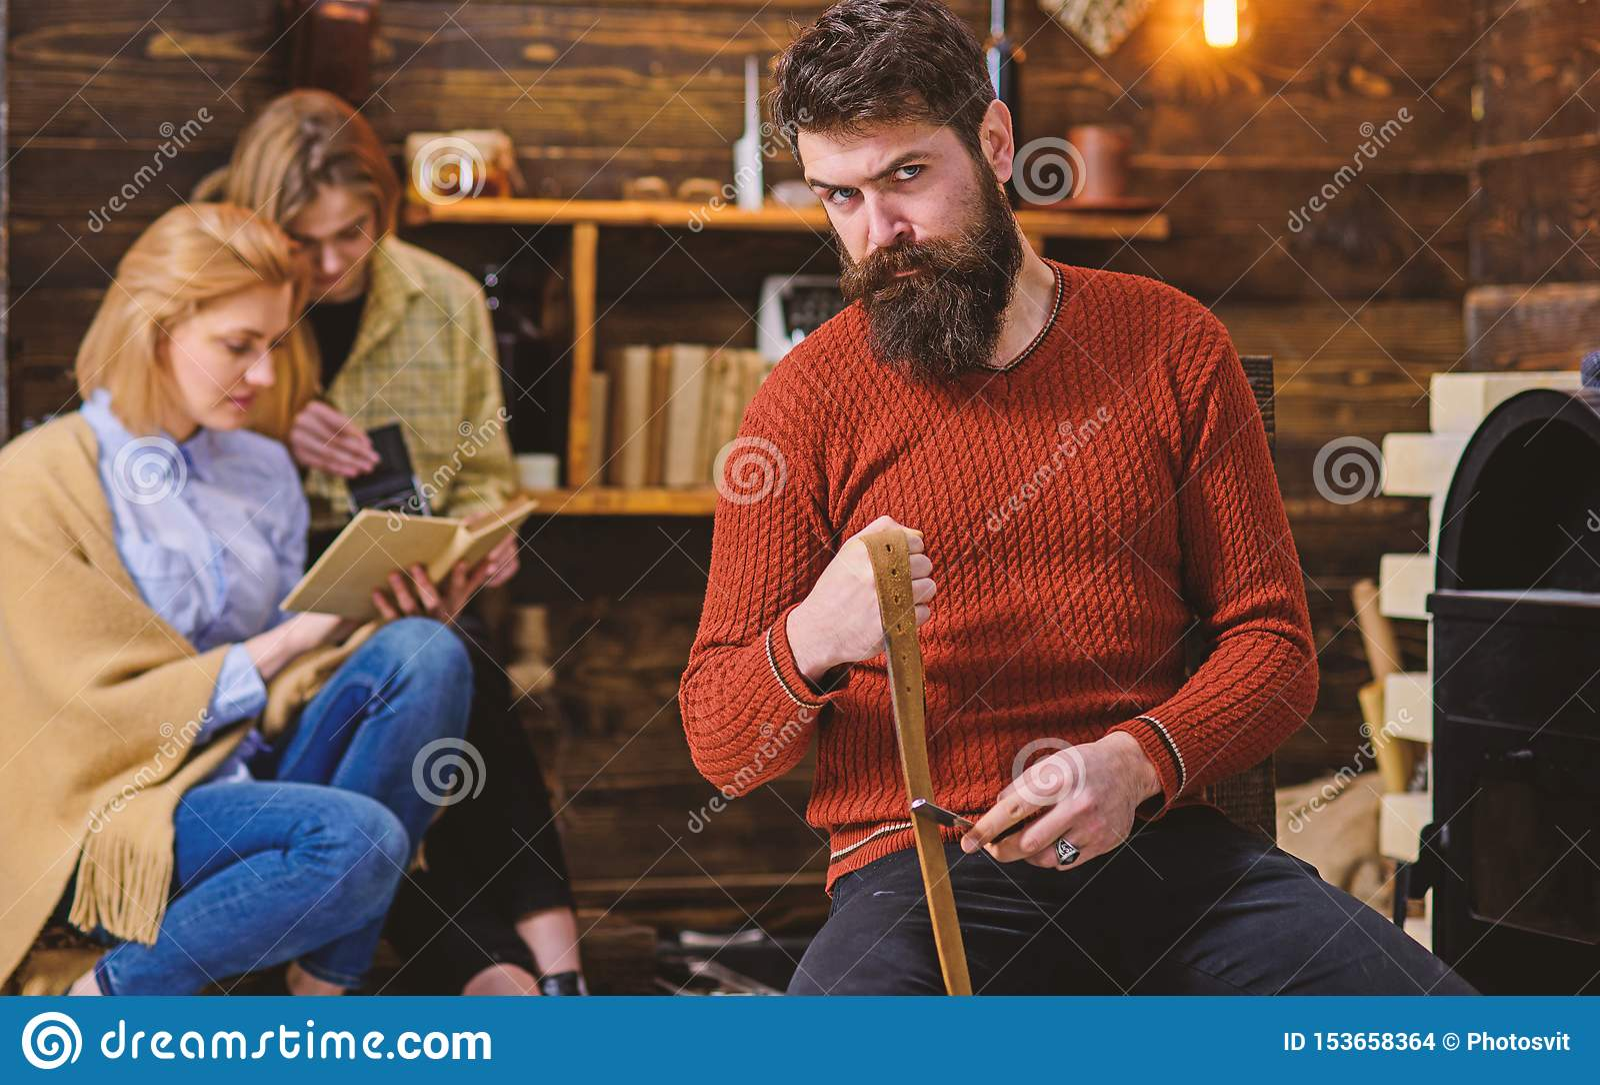 Boscaiolo con lo sguardo rigoroso e la barba folta lunga che tentano rasoio o coltello, concetto del pericolo Uomo barbuto in ret